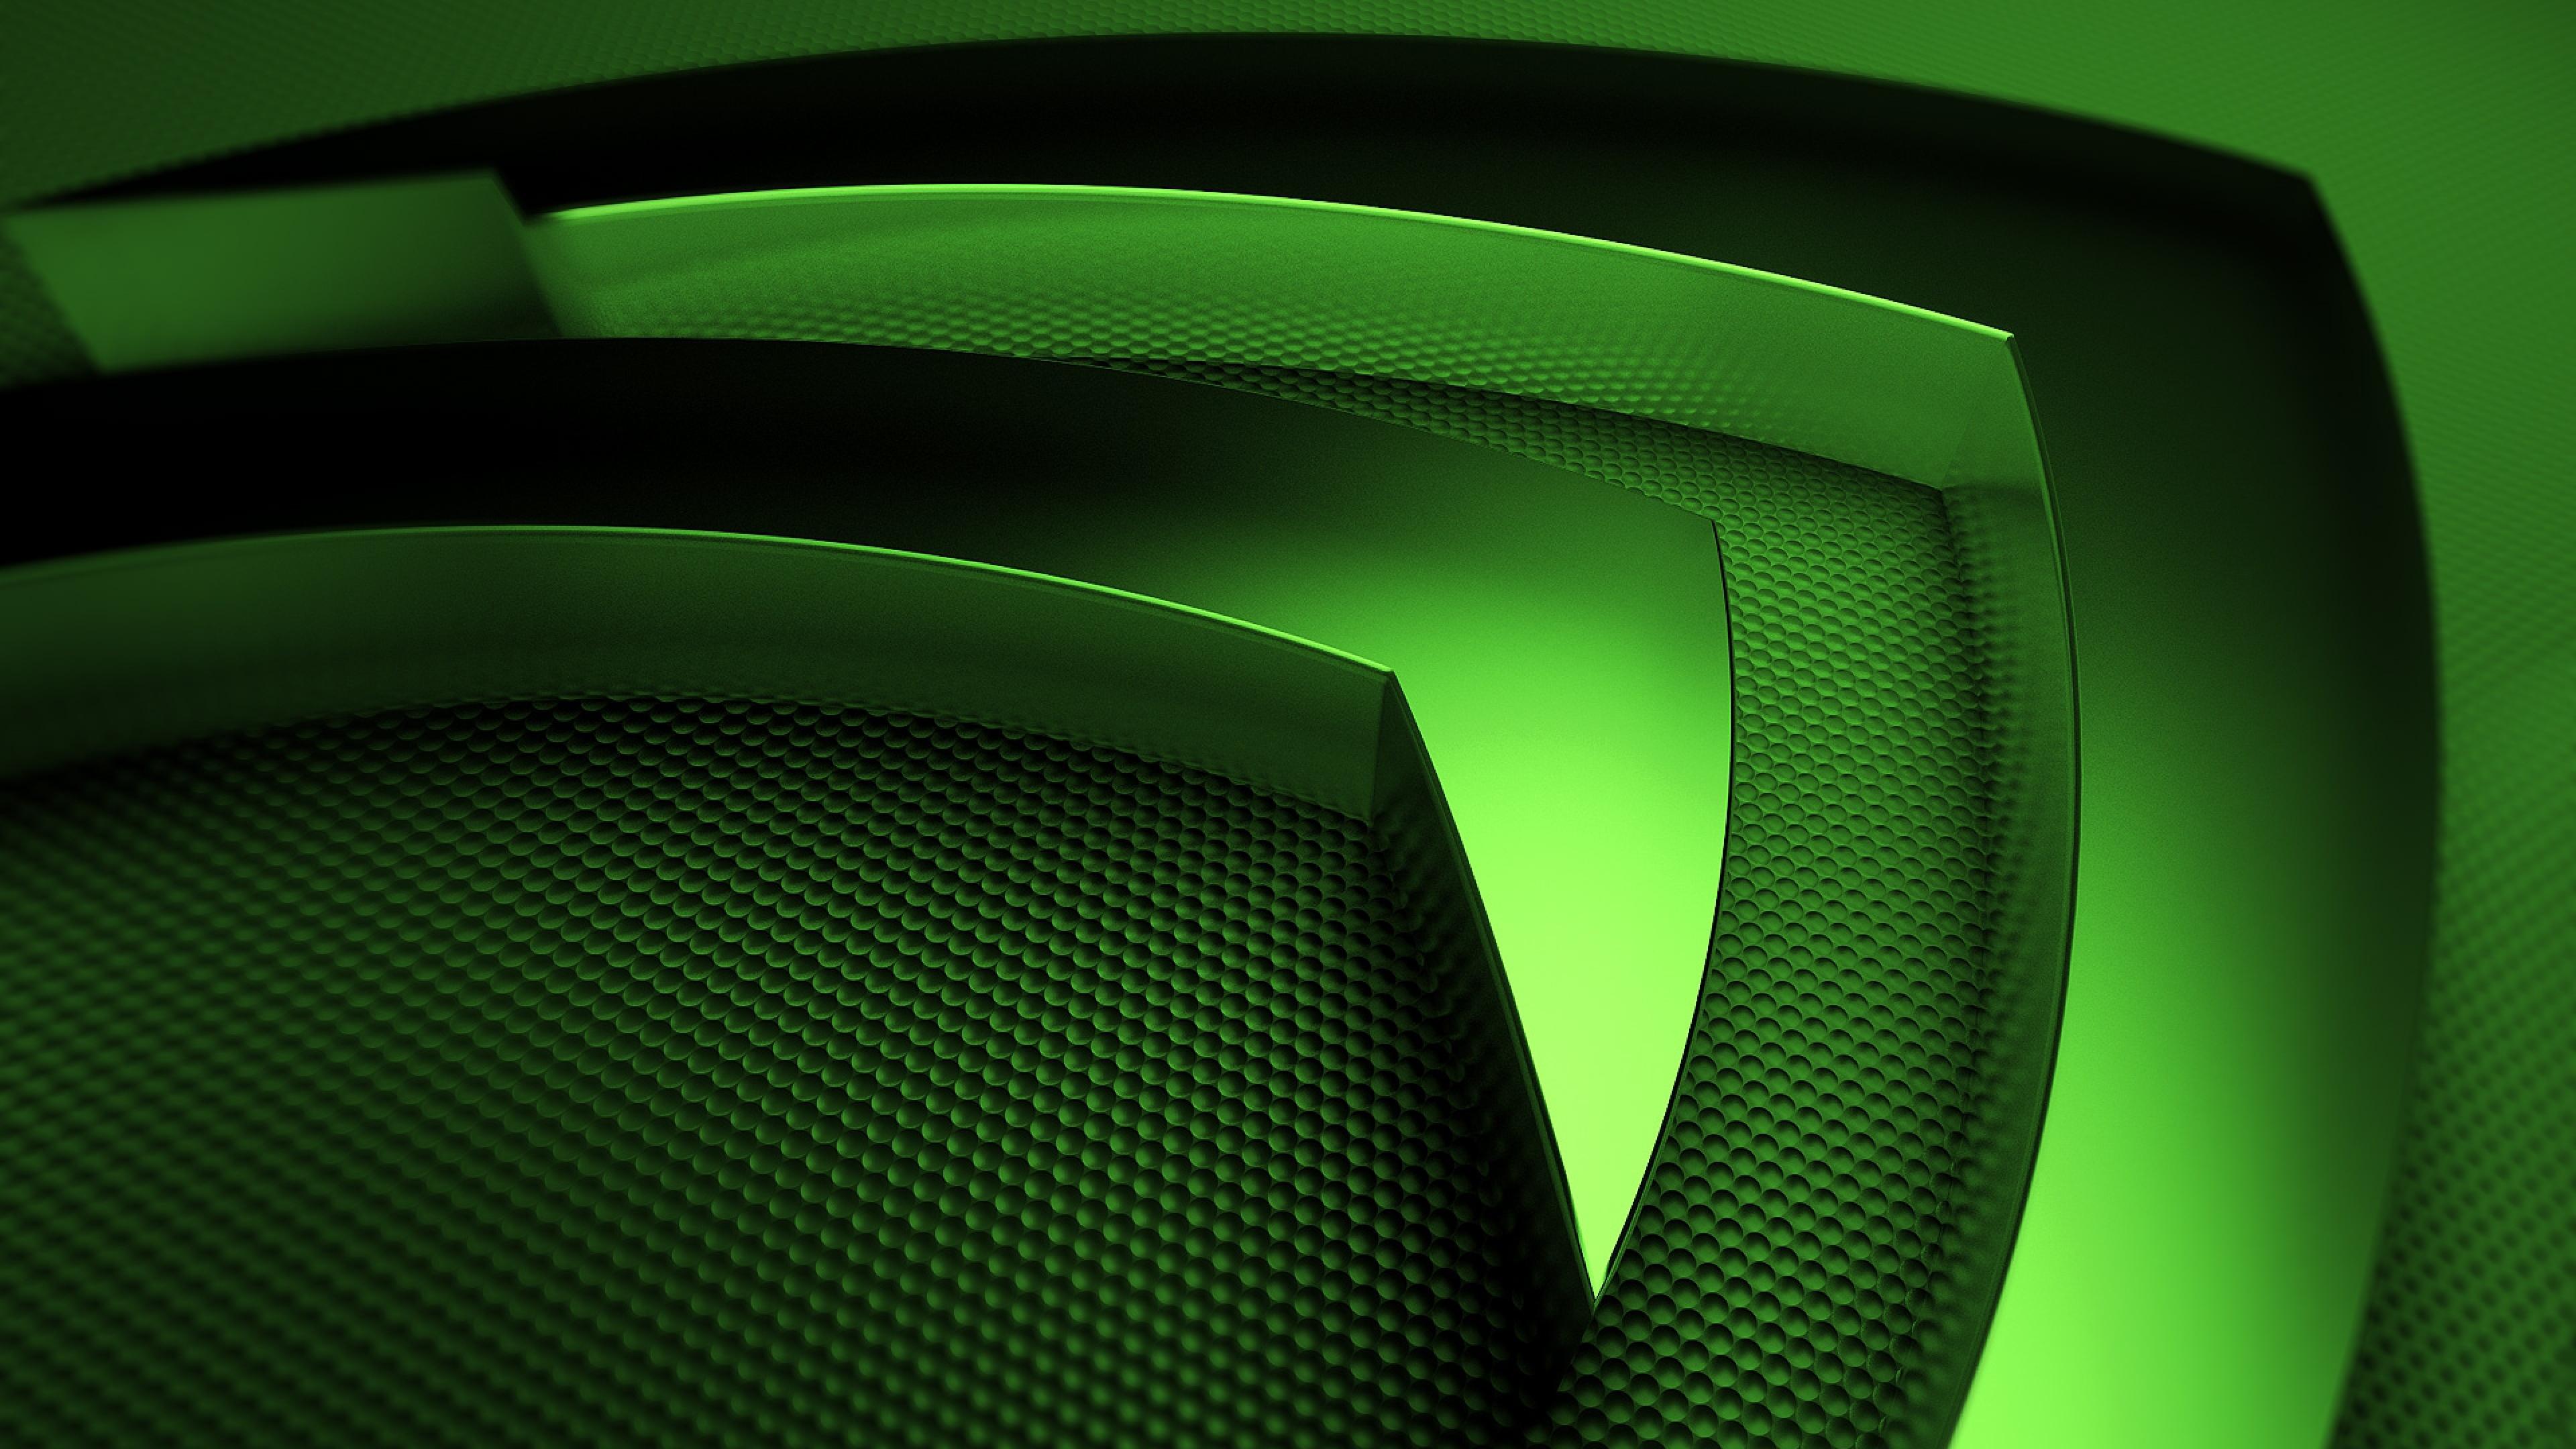 Все о видеокартах NVIDIA GeForce драйверы характеристики и новости Подробное описание всех